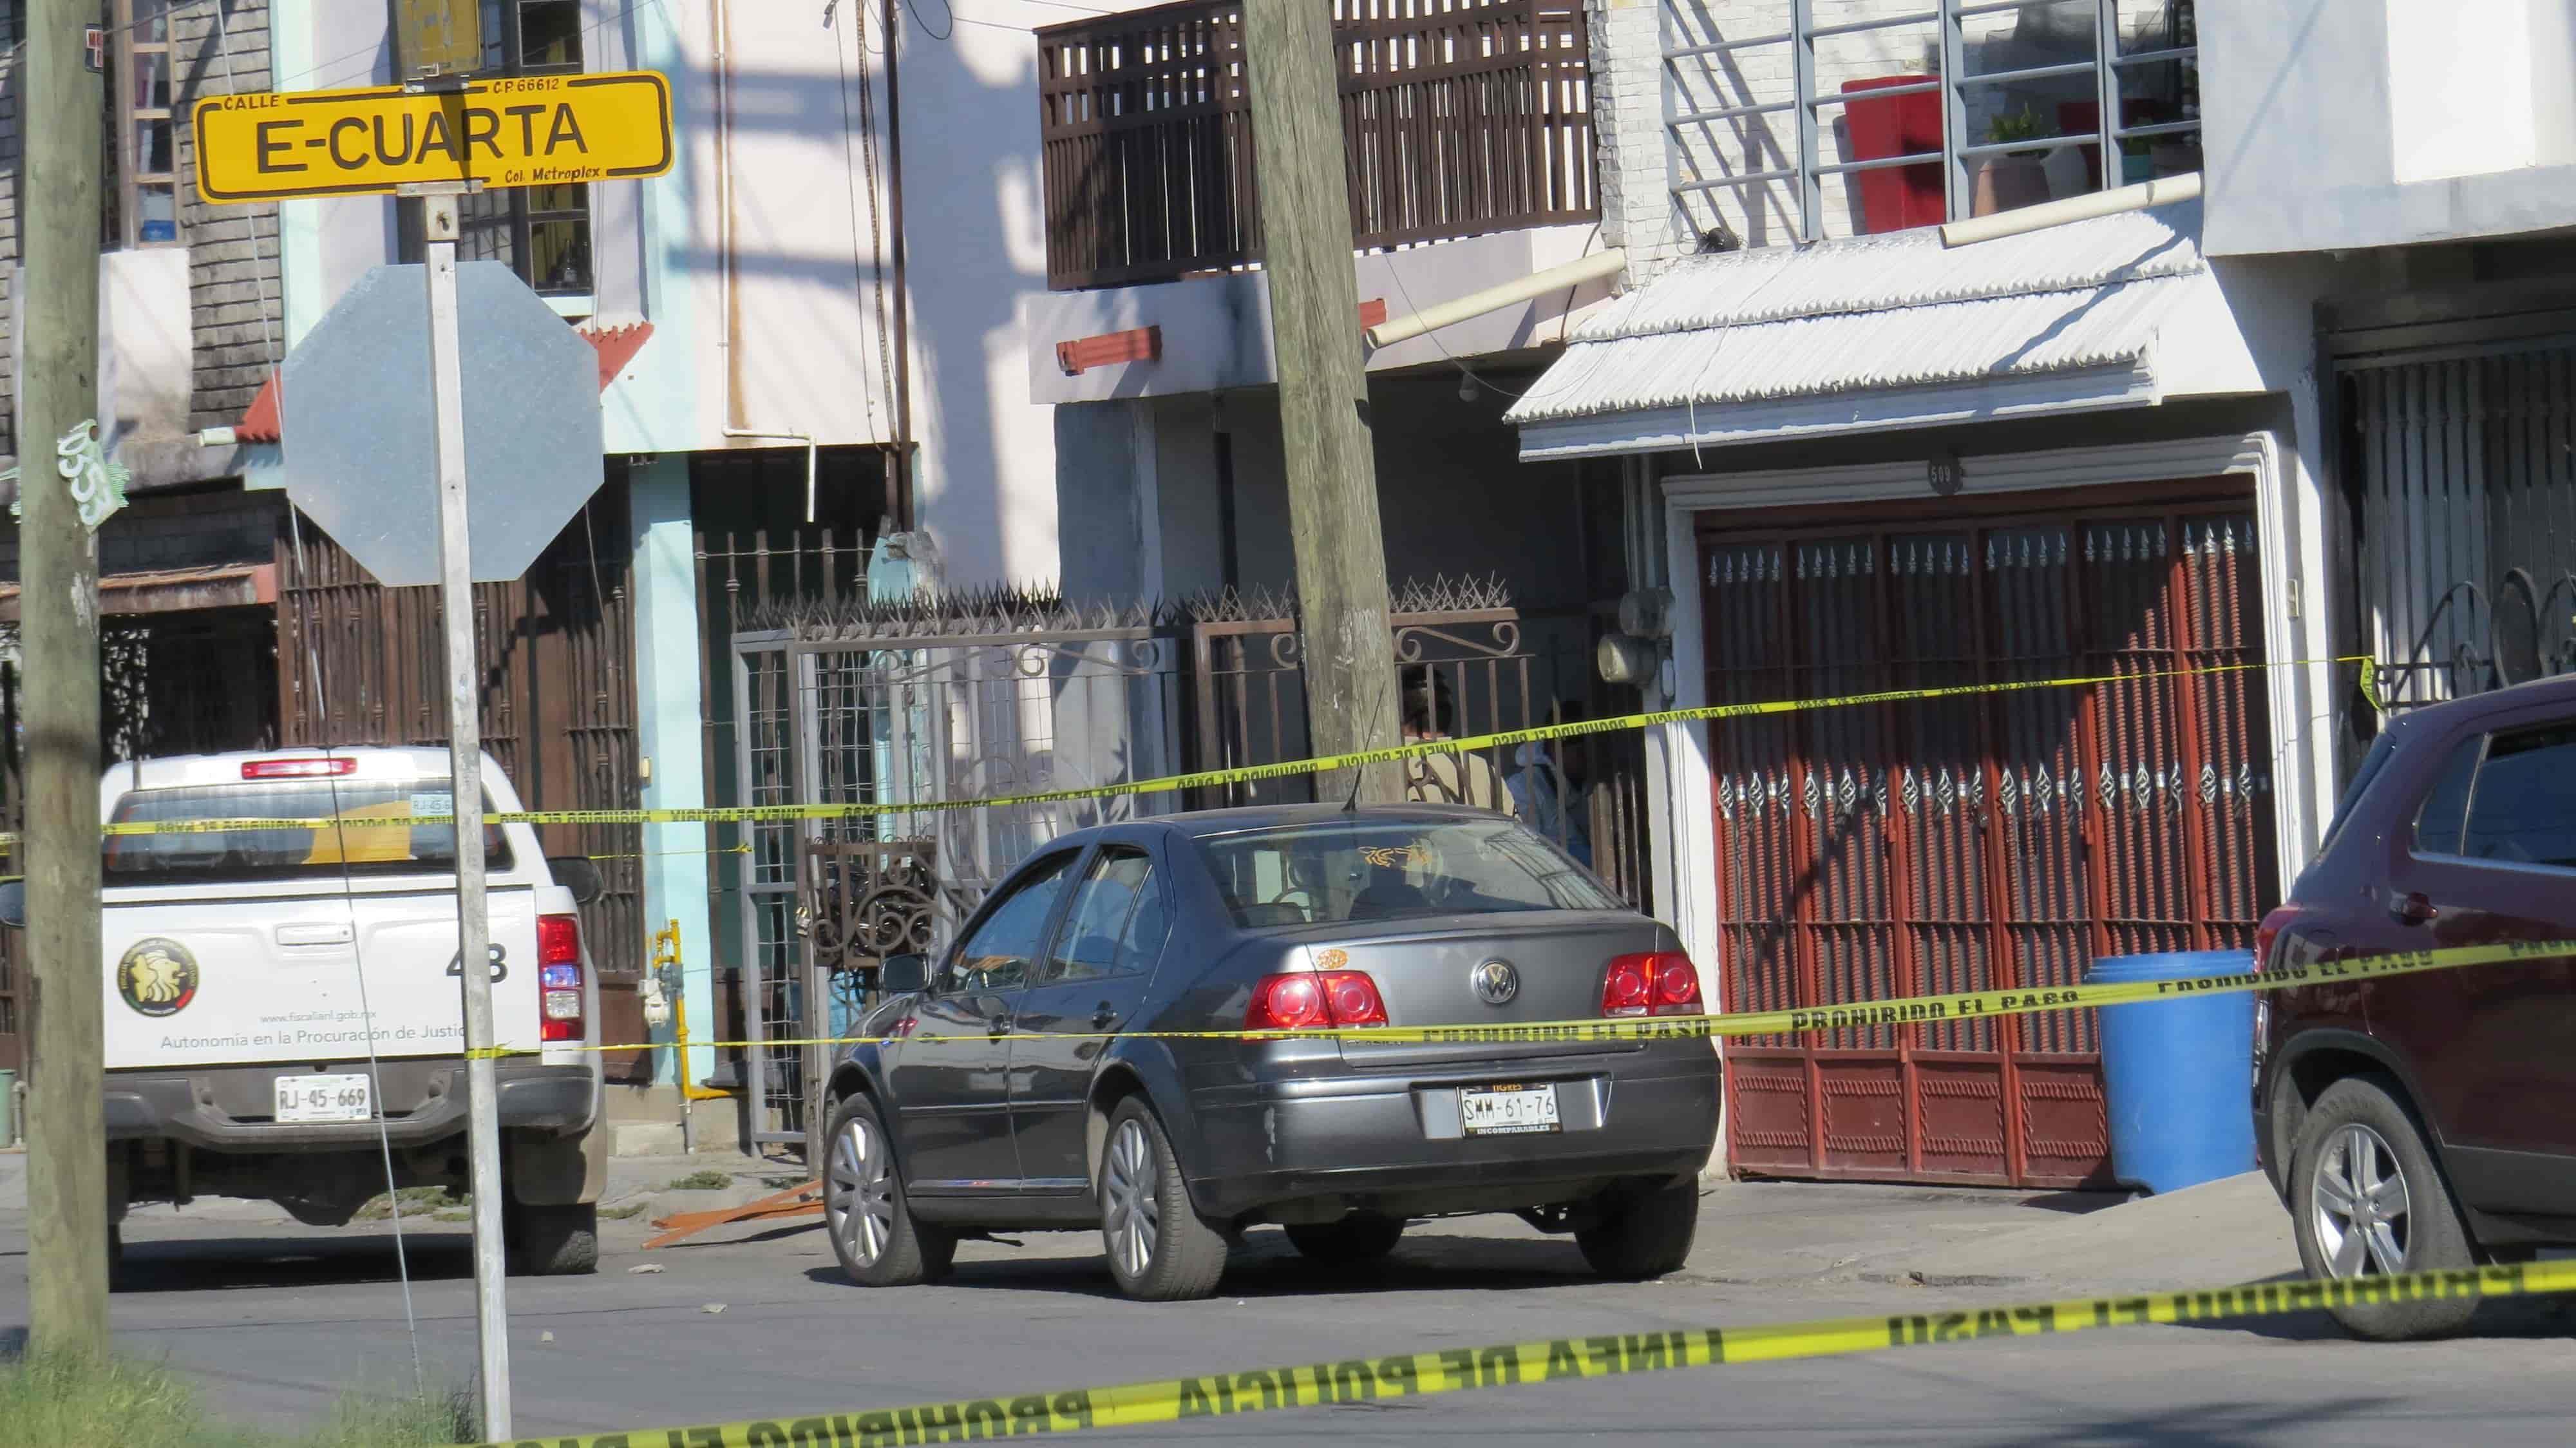 Un hombre fue acribillado a balazos mientras que otro resultó gravemente herido